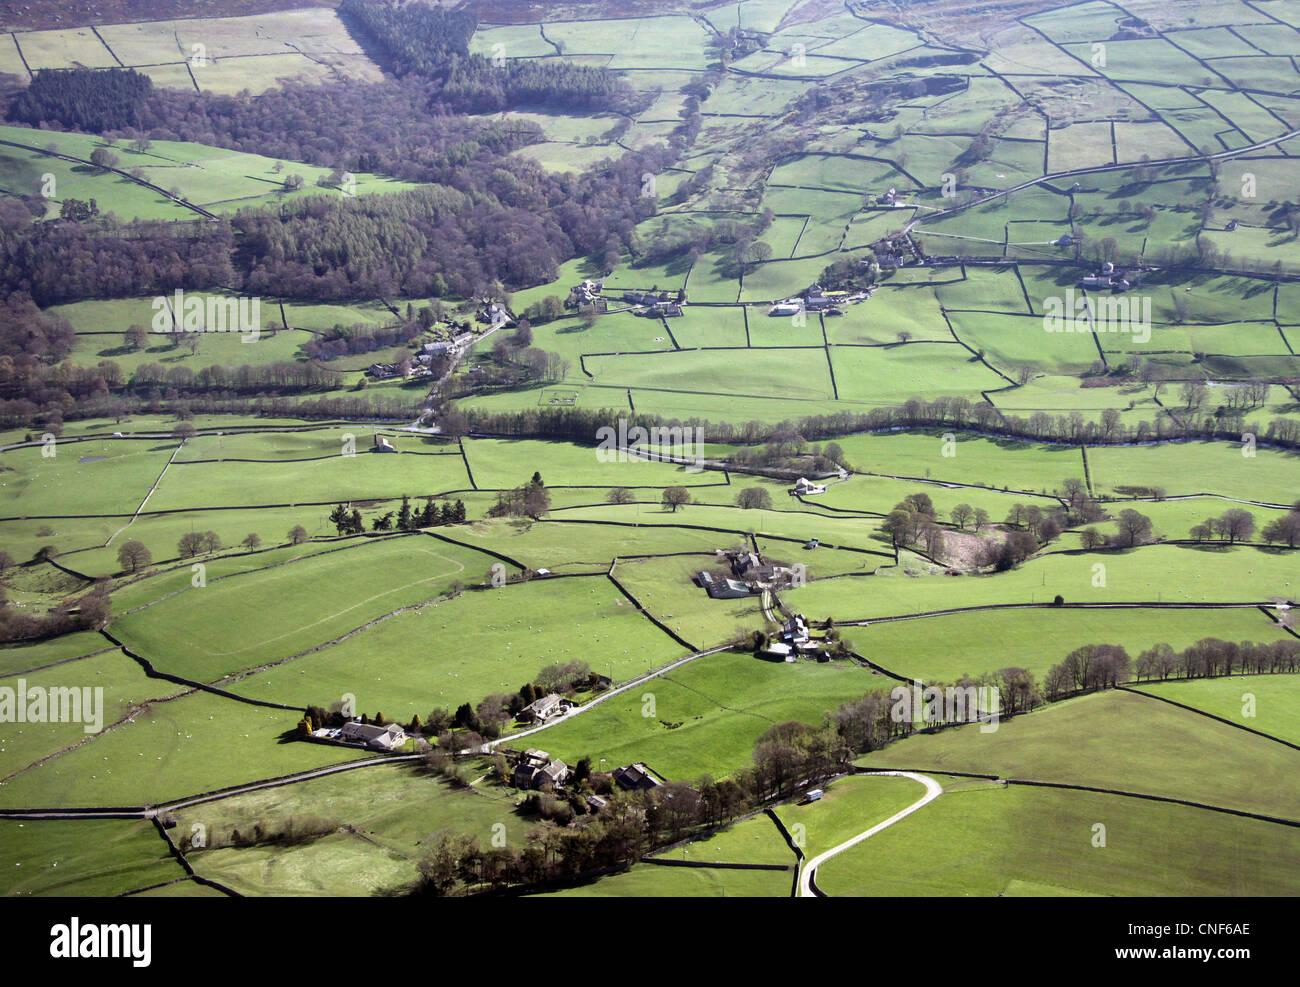 Vista aerea di inglese paesaggio rurale con i campi delimitati da muri in pietra a secco Immagini Stock